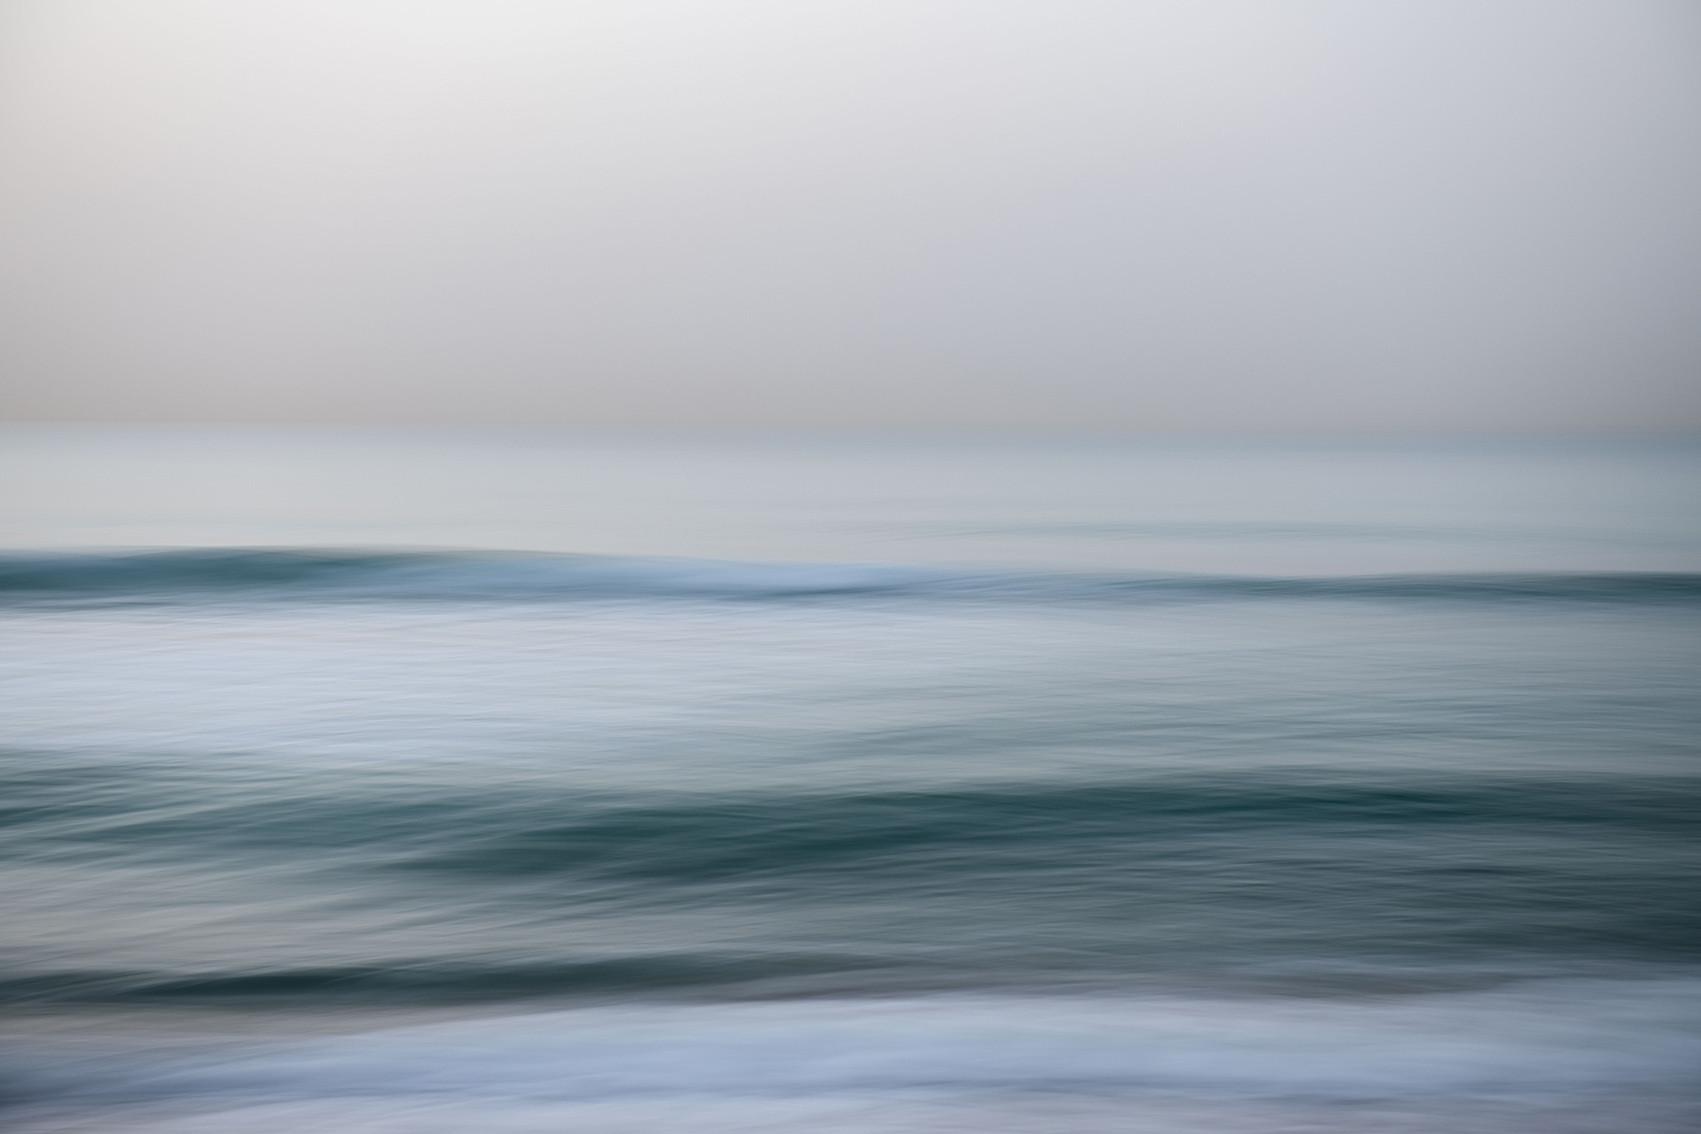 wild ocean 0.3